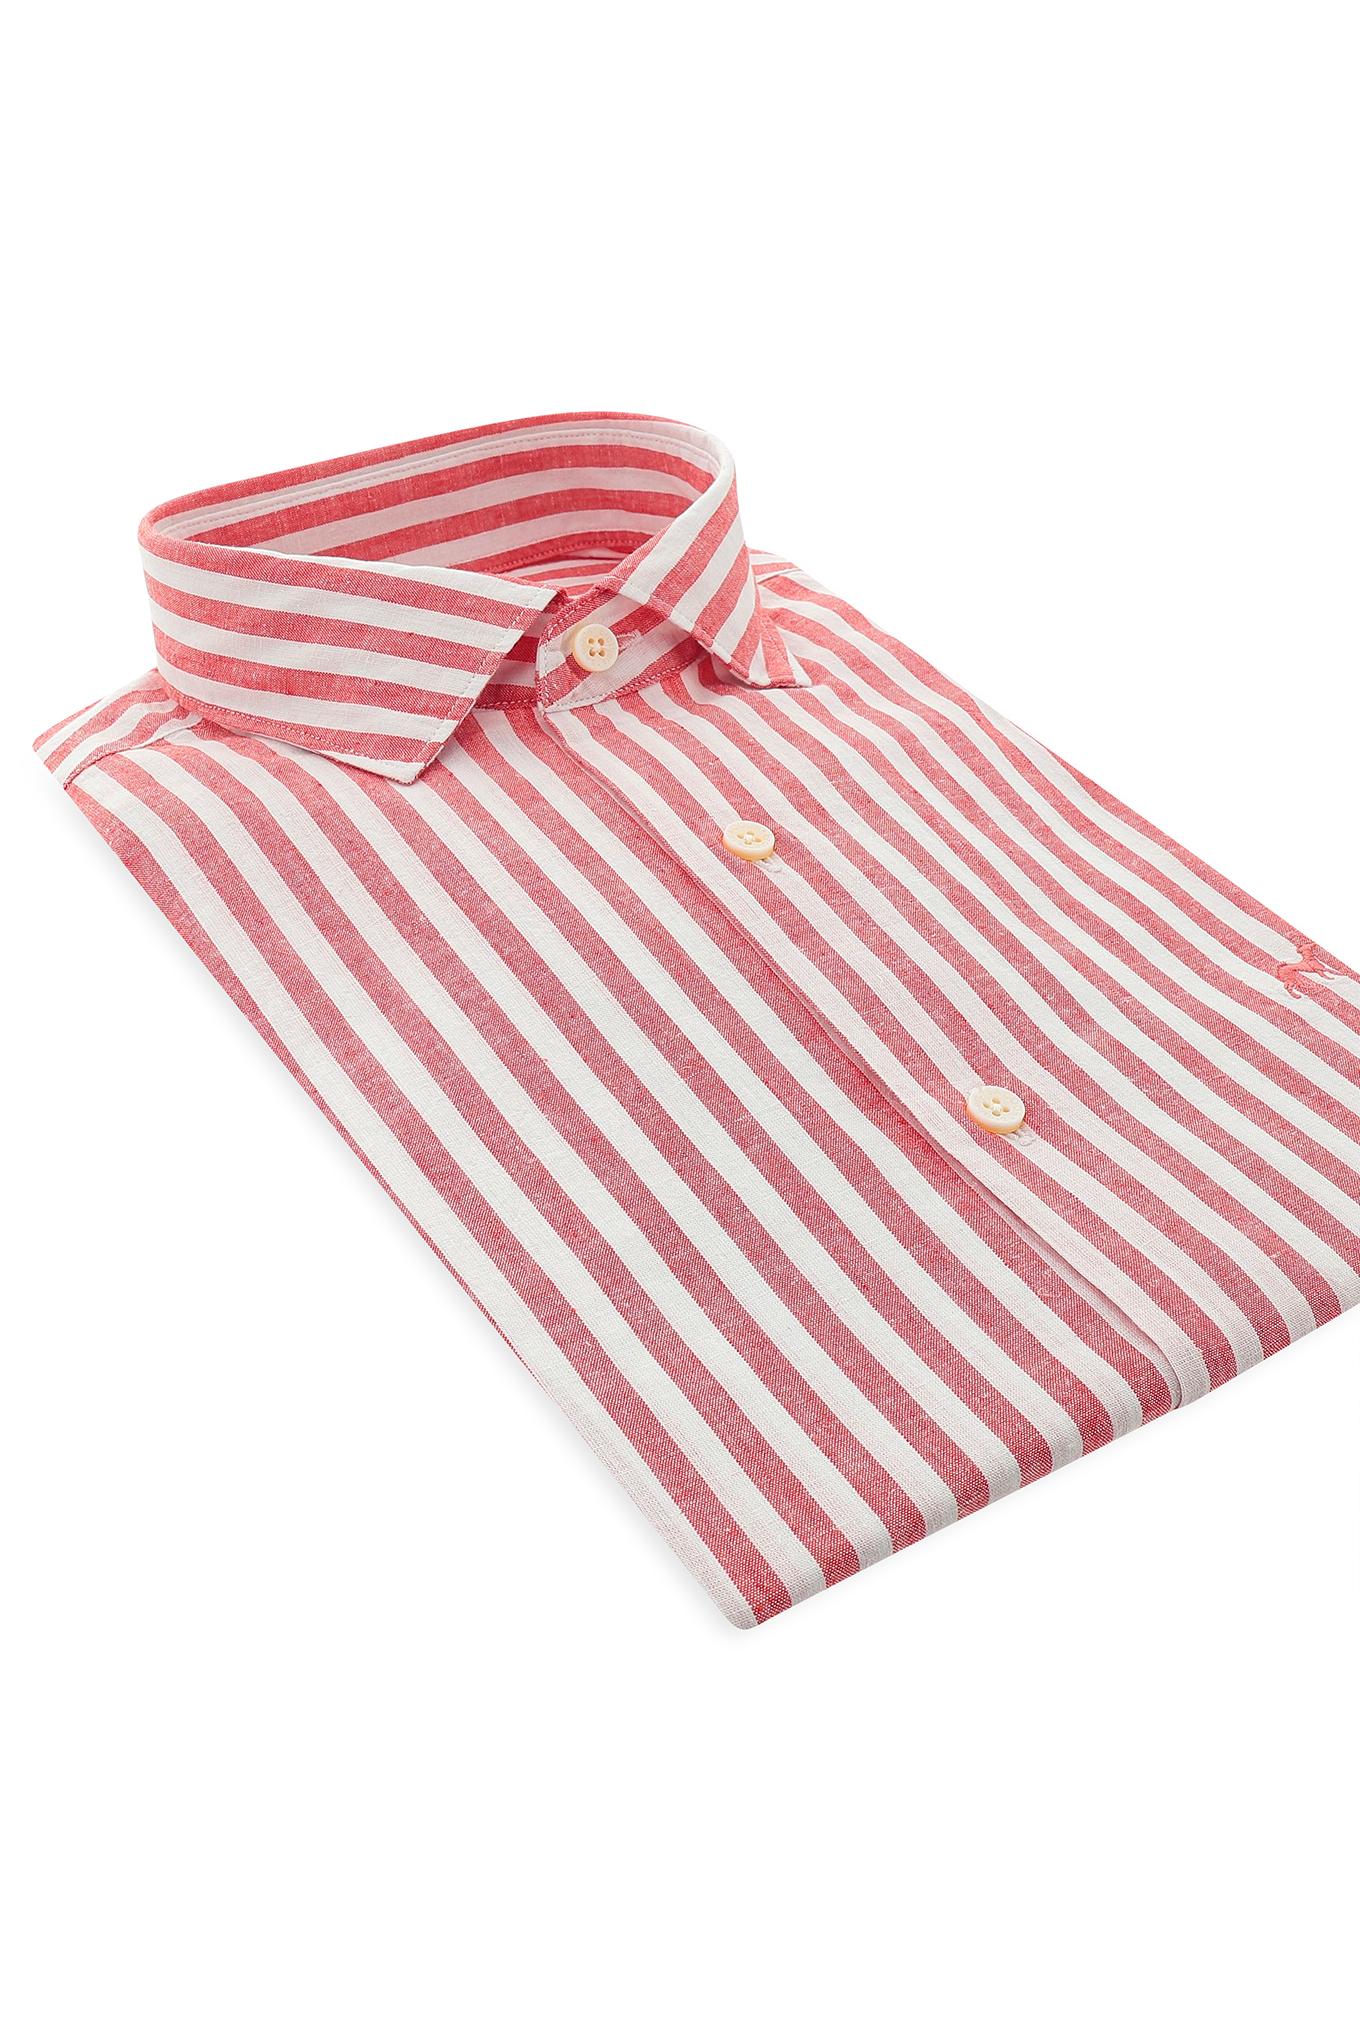 Camisa Vermelho Casual Homem